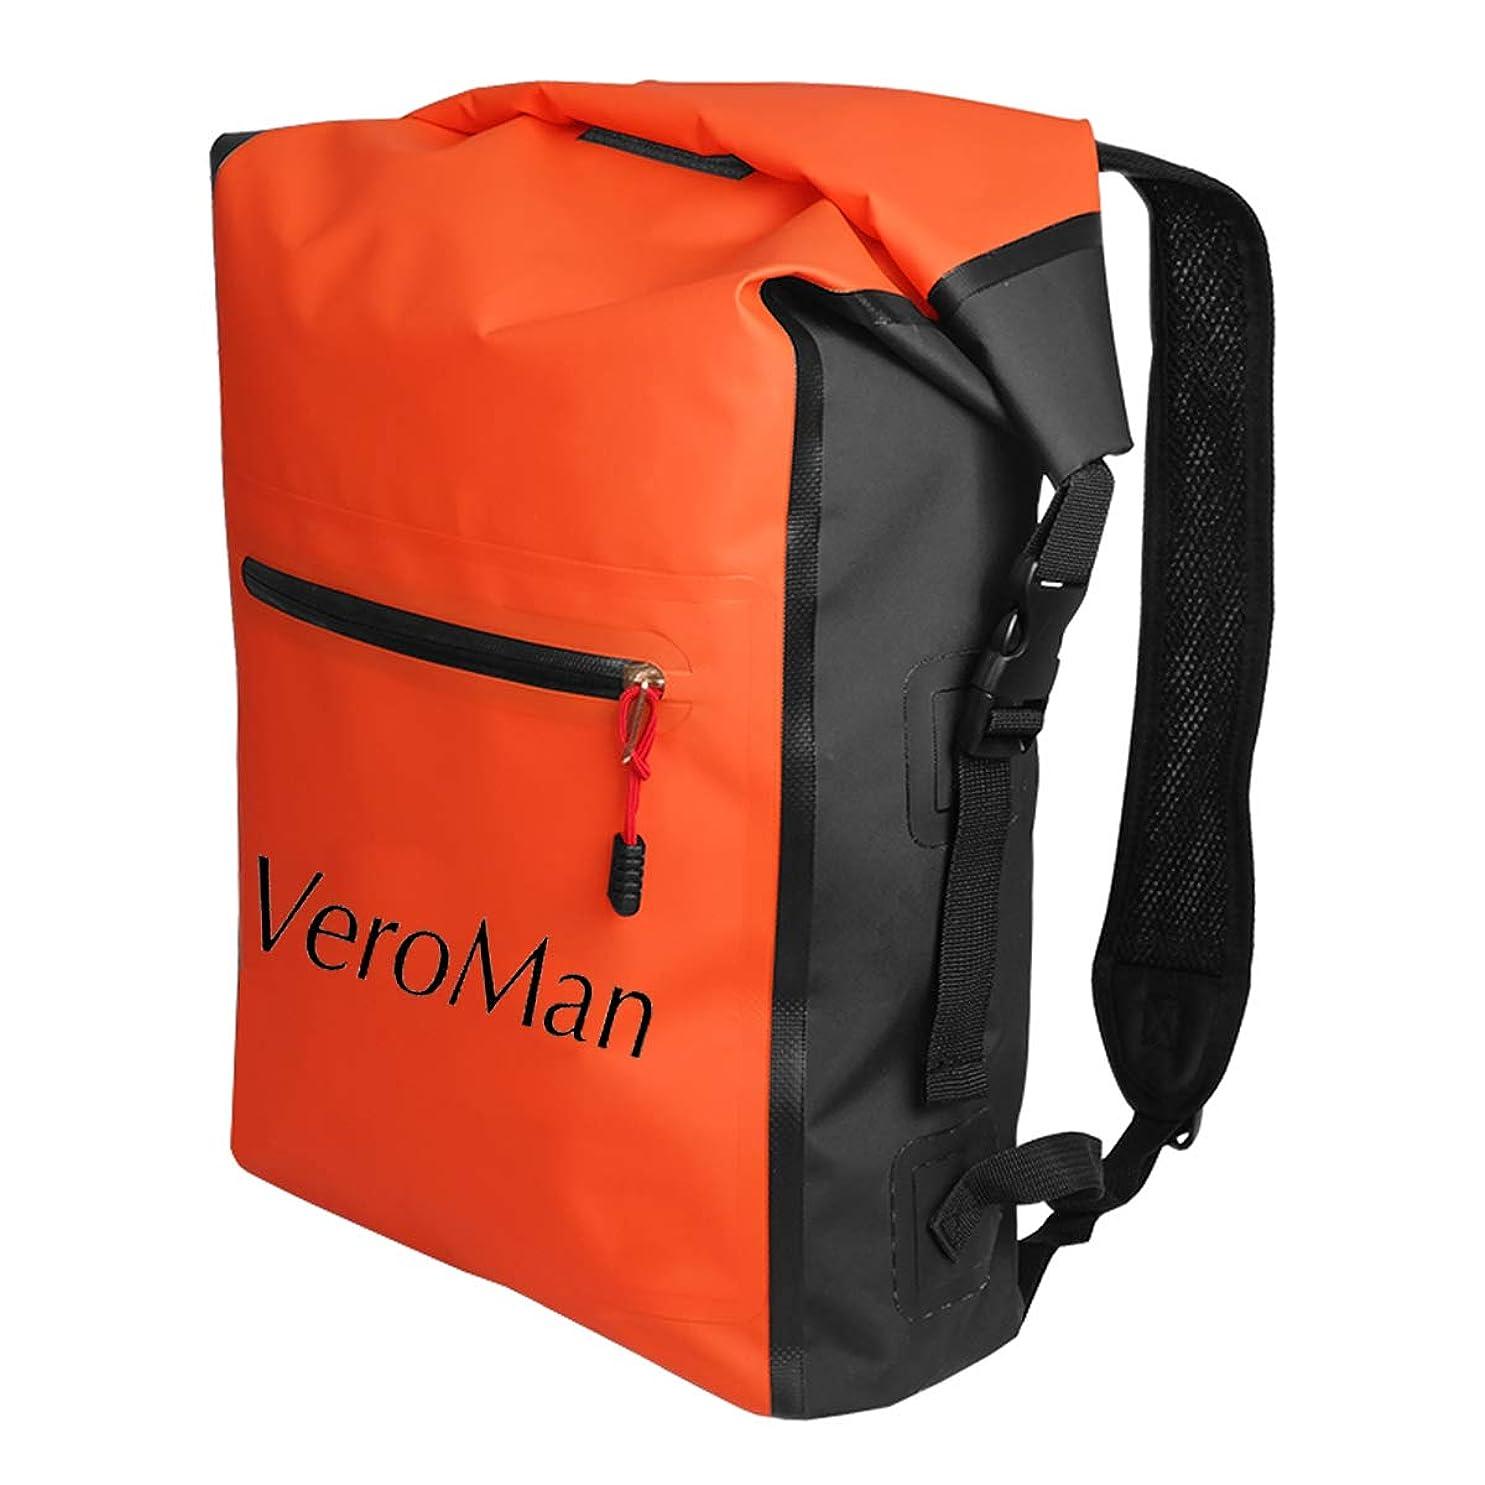 抽選運ぶ裸VeroMan アウトドア ドライバッグ 防水バッグ 海水浴 登山 釣り ダイビング 自転車 多機能 大容量 25L